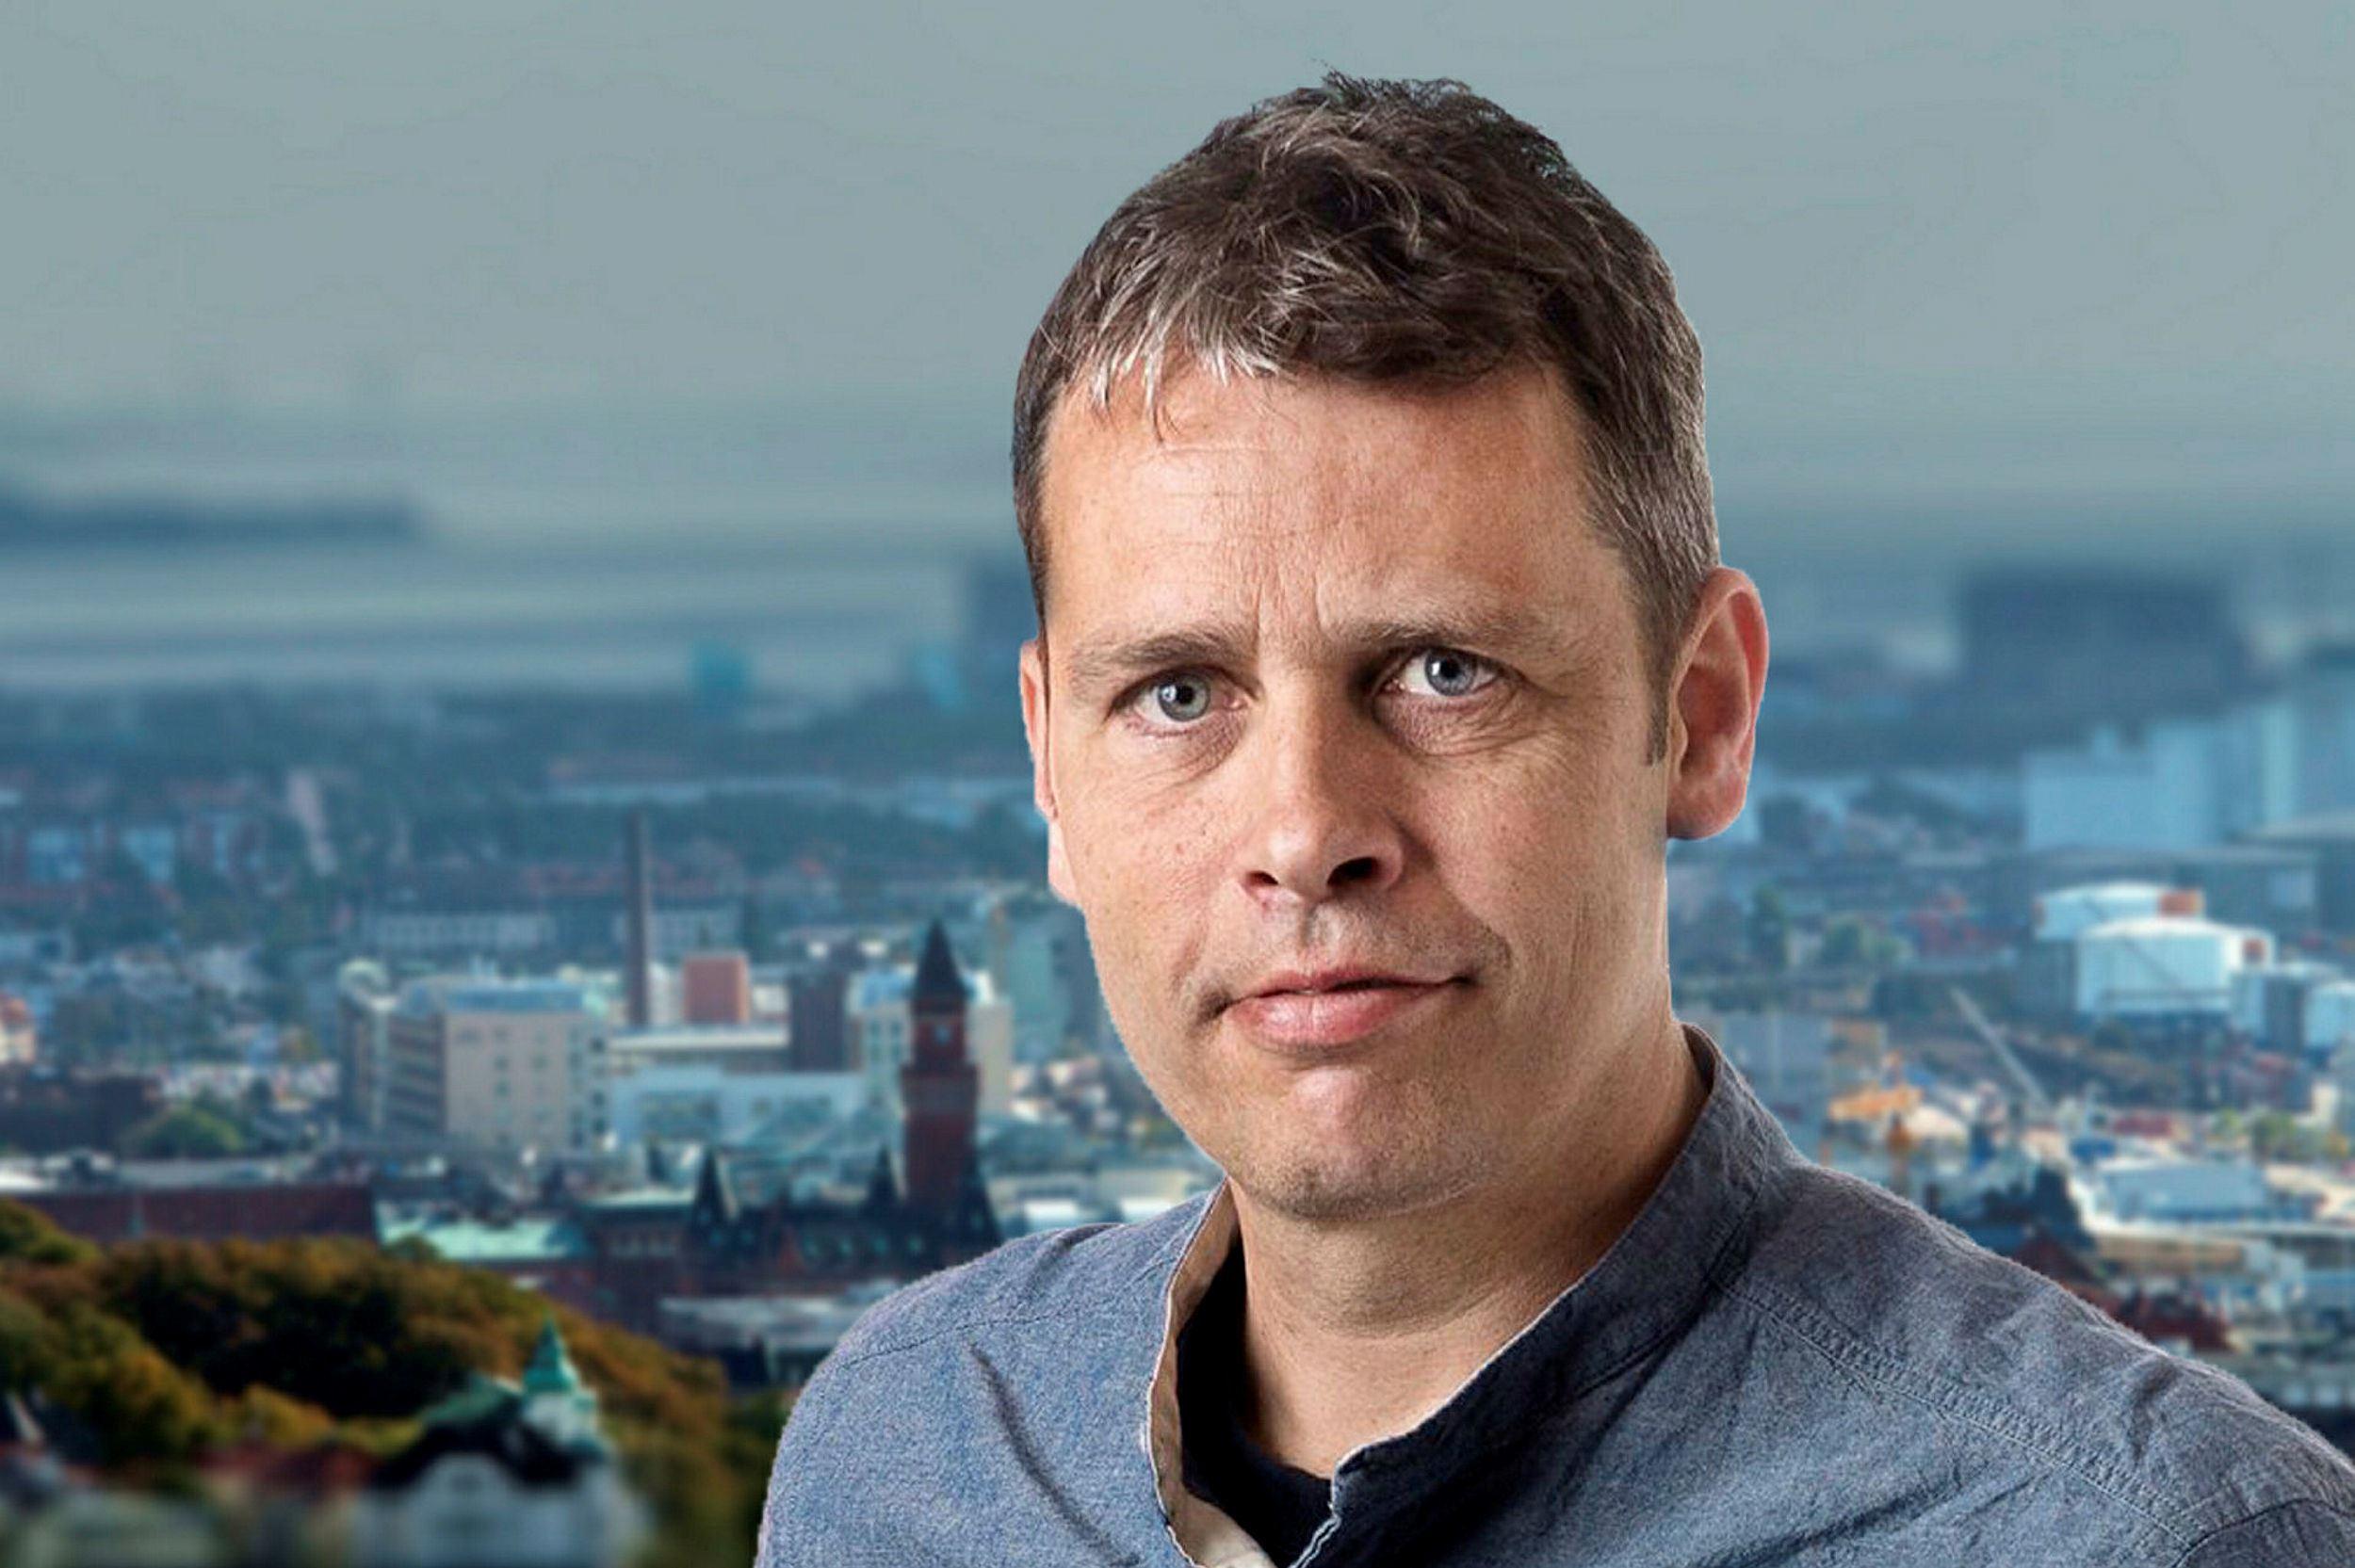 © HD, Yttrandefrihet: Fristadsförfattaren Erol Özkoray i samtal med Peter Fällmar Andersson